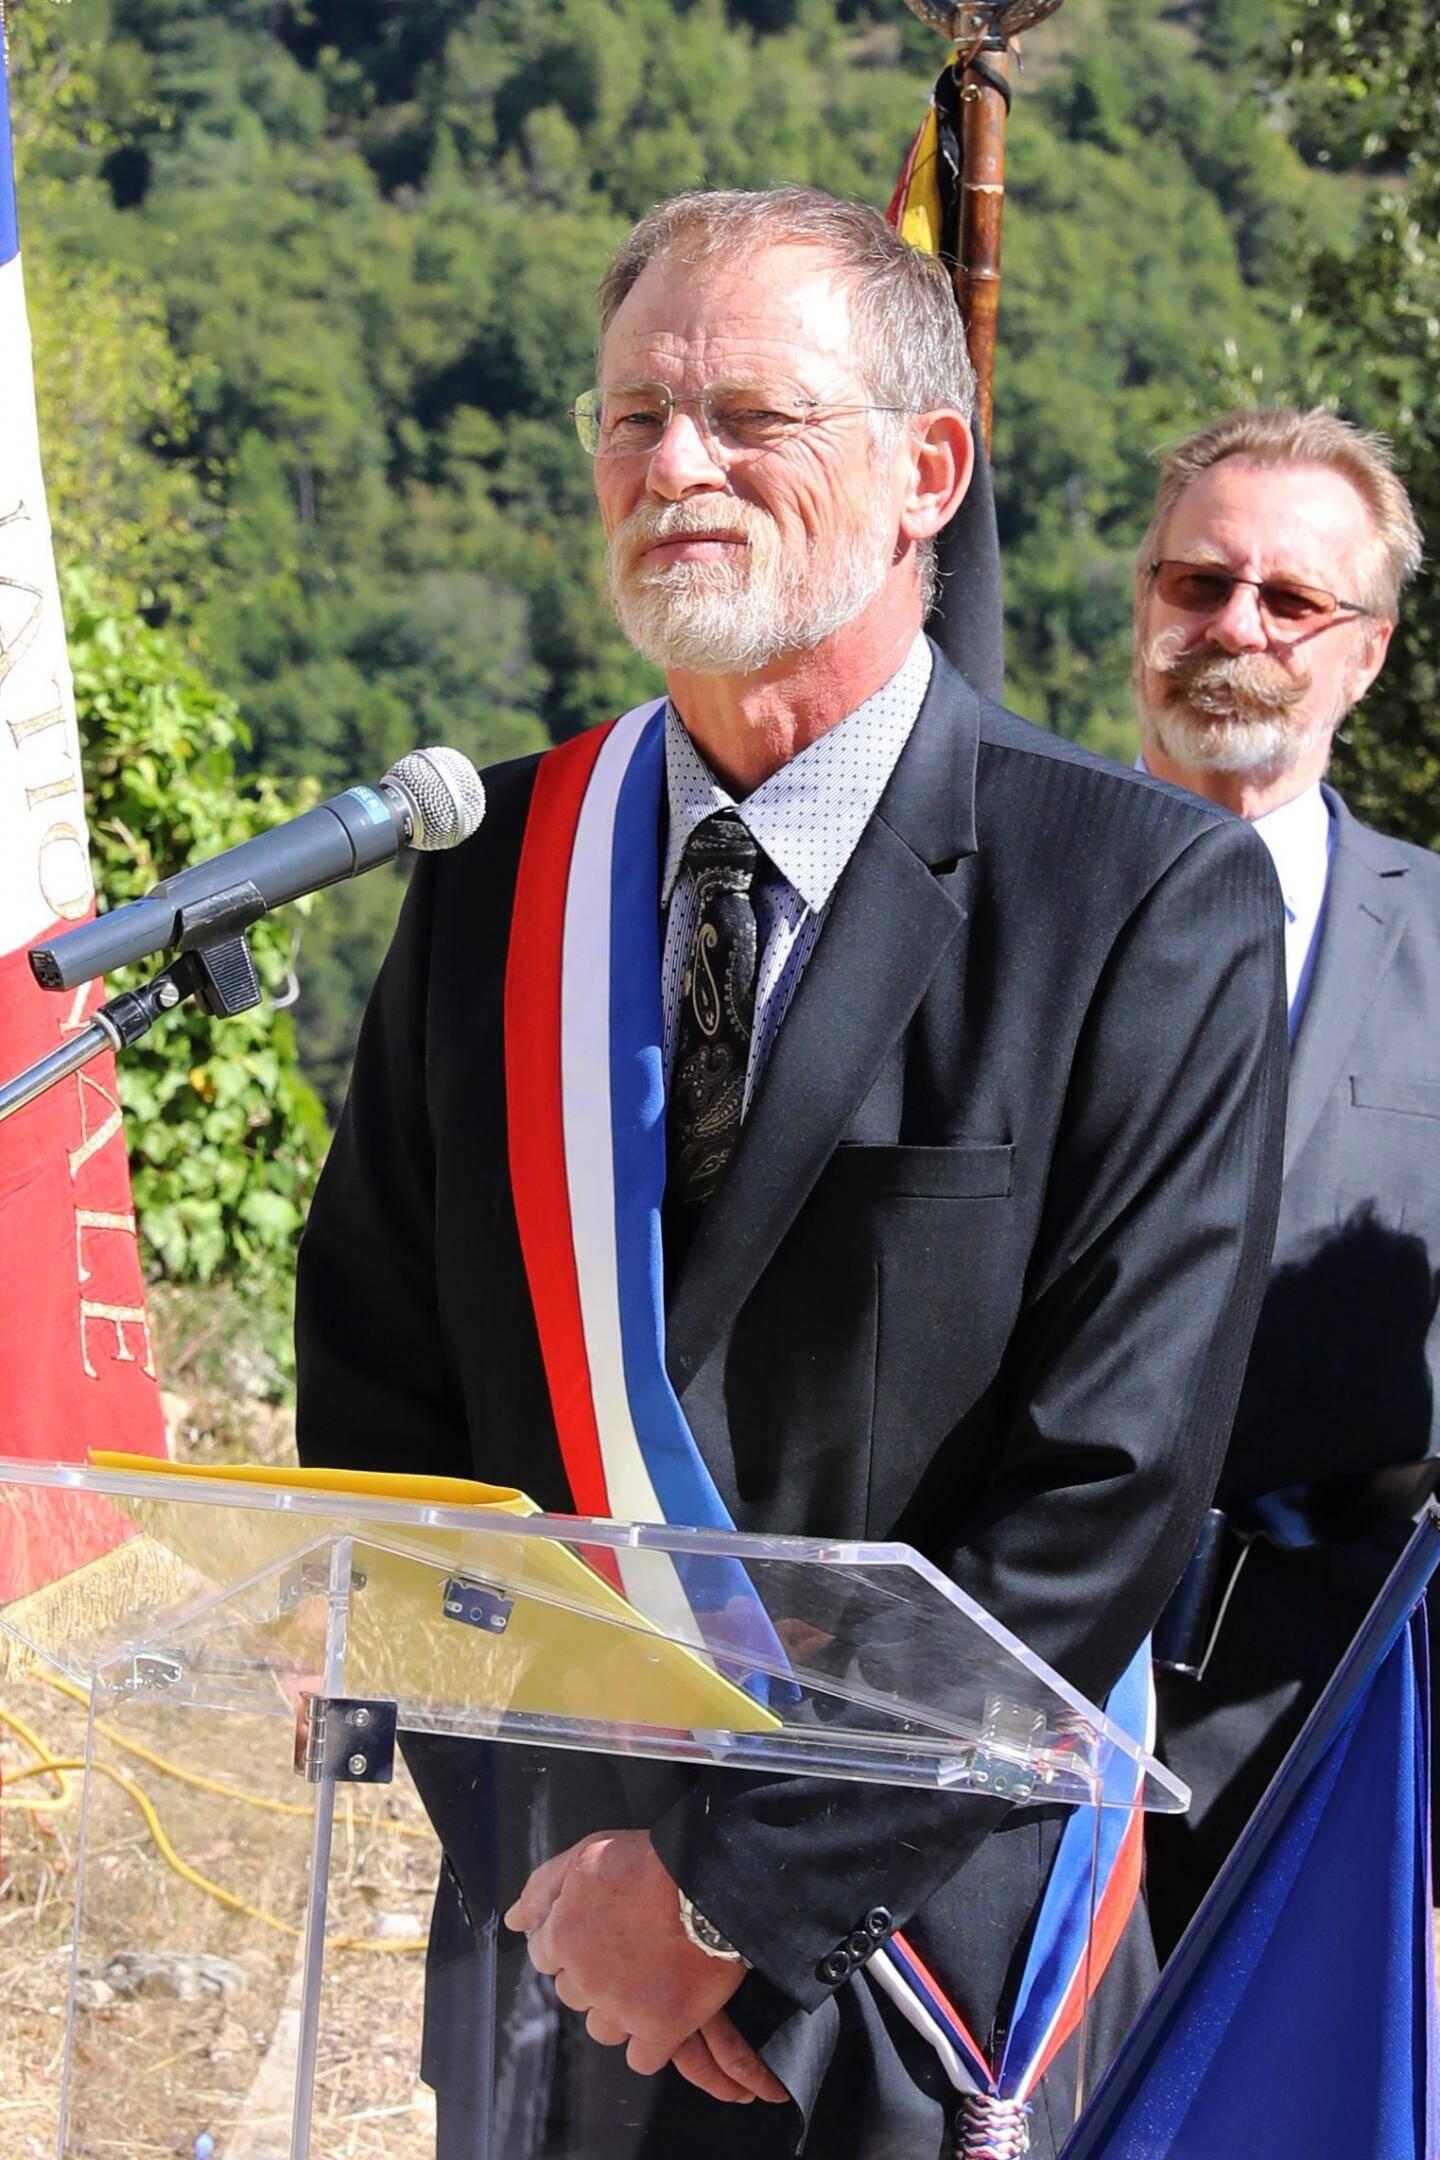 Sur l'ancien site d'implantation du village détruit, le maire Philippe Rion s'inquiétait pour l'avenir du Castillon d'aujourd'hui.